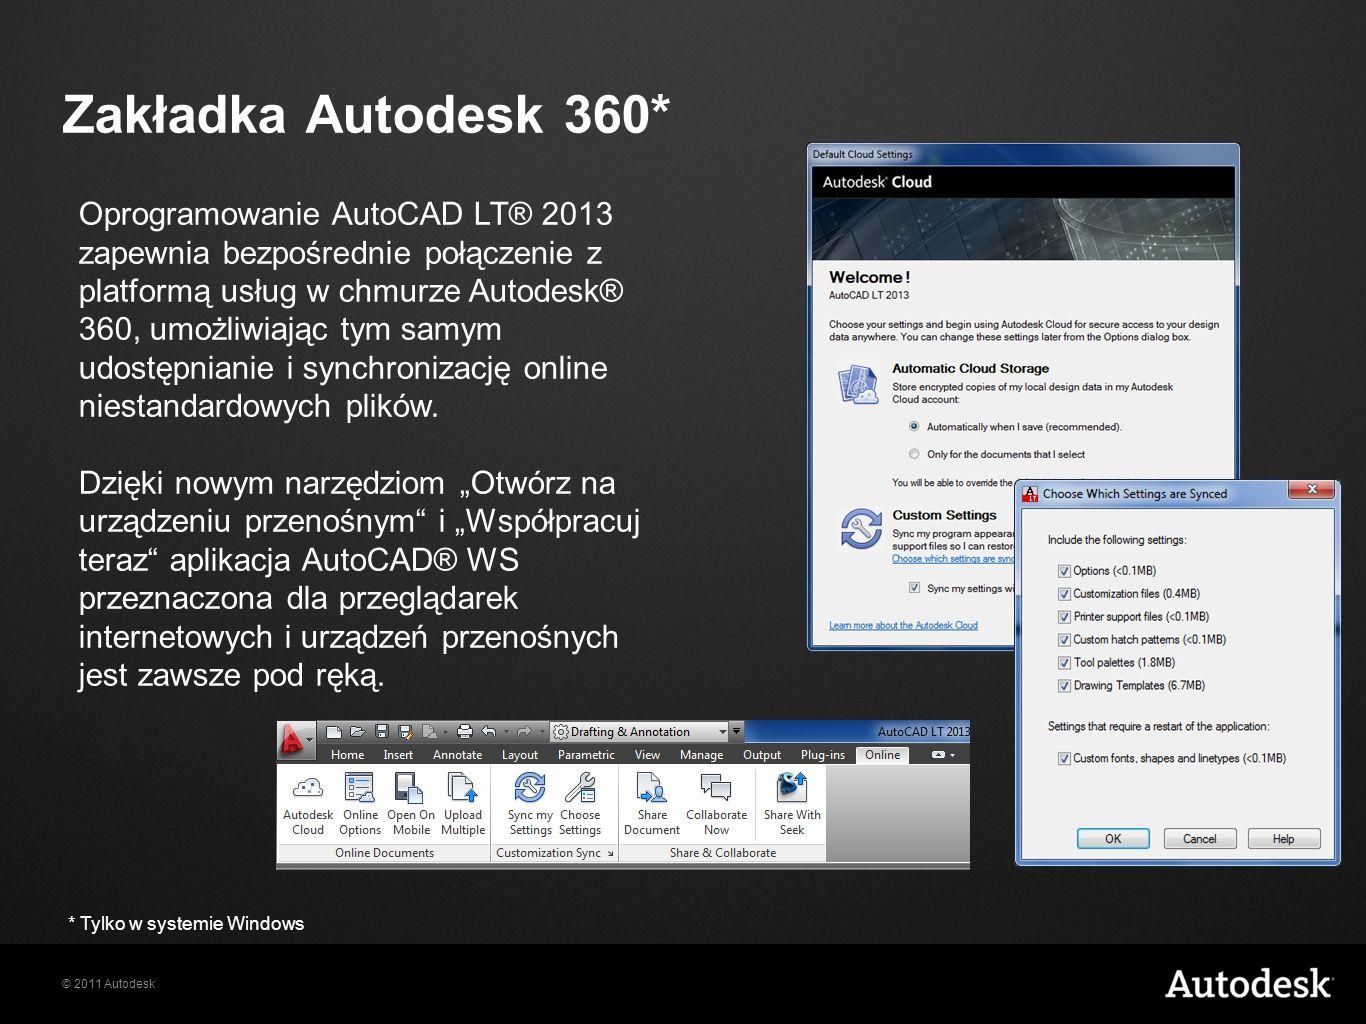 © 2011 Autodesk Zakładka Autodesk 360* Oprogramowanie AutoCAD LT® 2013 zapewnia bezpośrednie połączenie z platformą usług w chmurze Autodesk® 360, umożliwiając tym samym udostępnianie i synchronizację online niestandardowych plików.